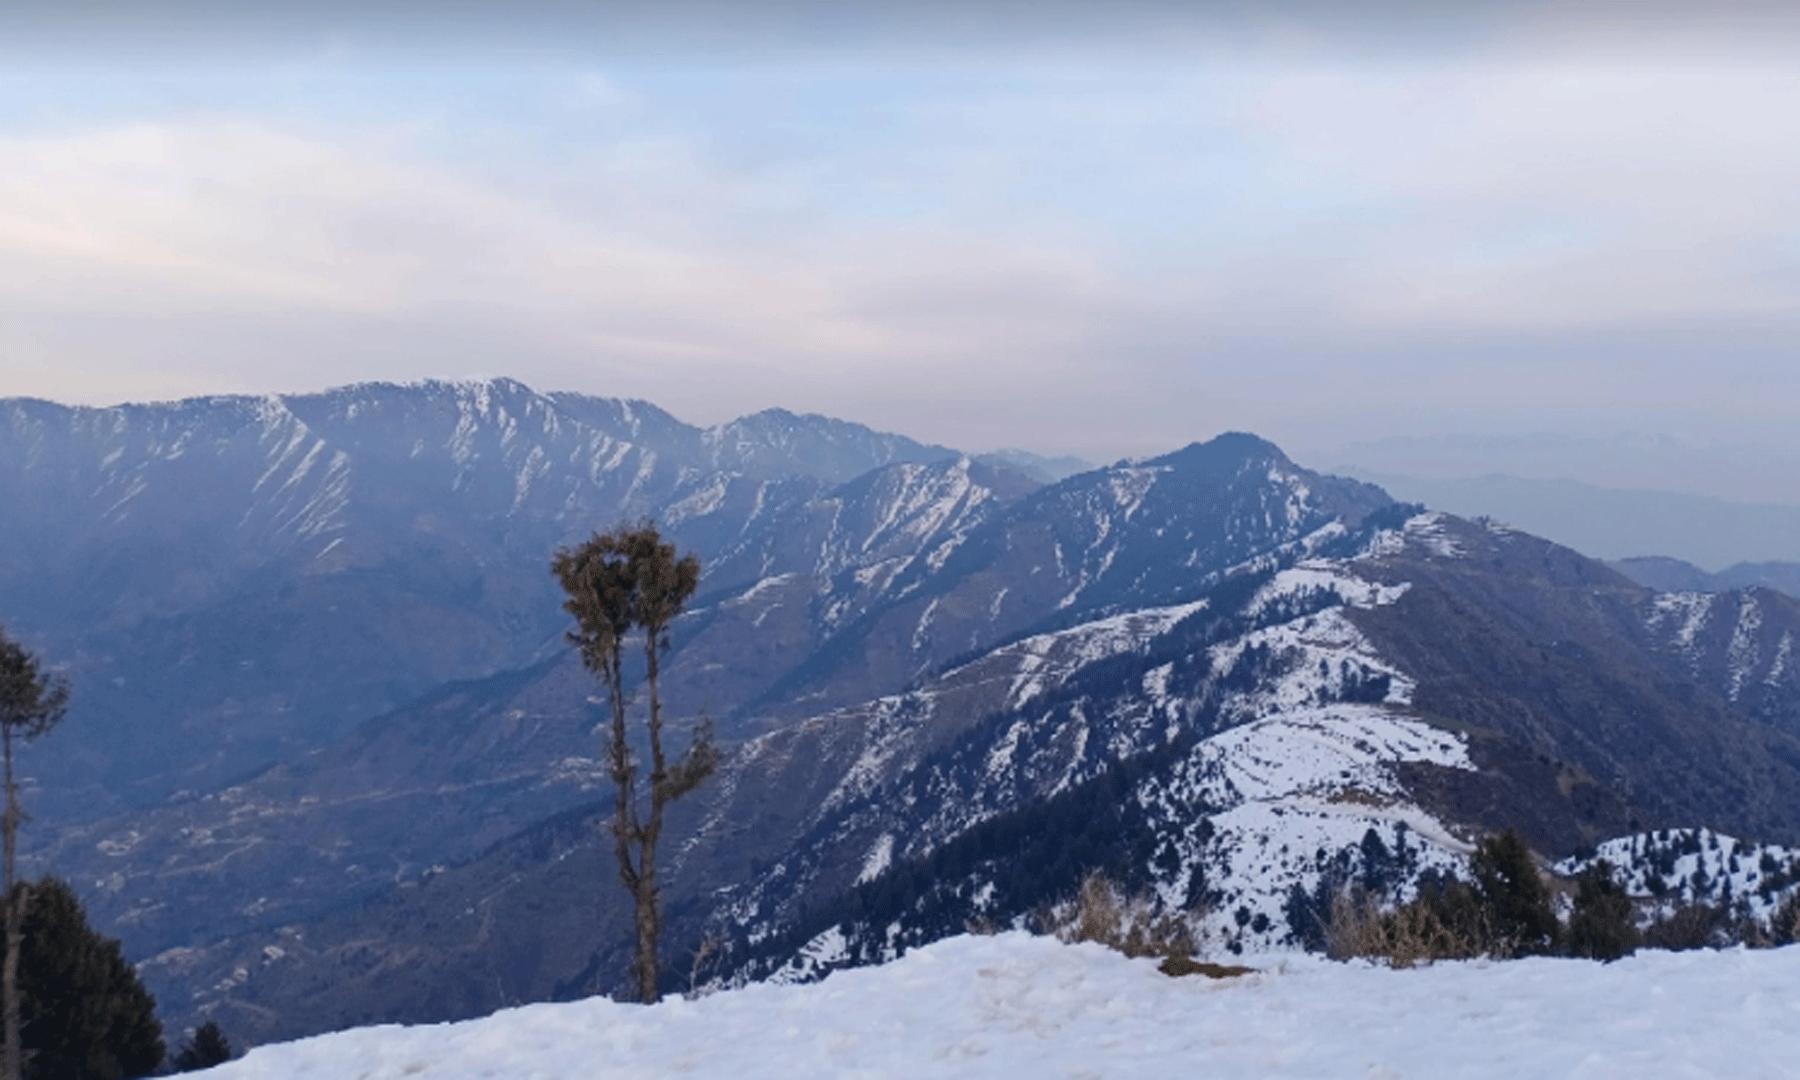 اگر مطلع صاف ہو تو یہاں سے خیبر پختونخوا اور افغانستان کے بعض علاقے باآسانی دیکھے جاسکتے ہیں—عظمت اکبر